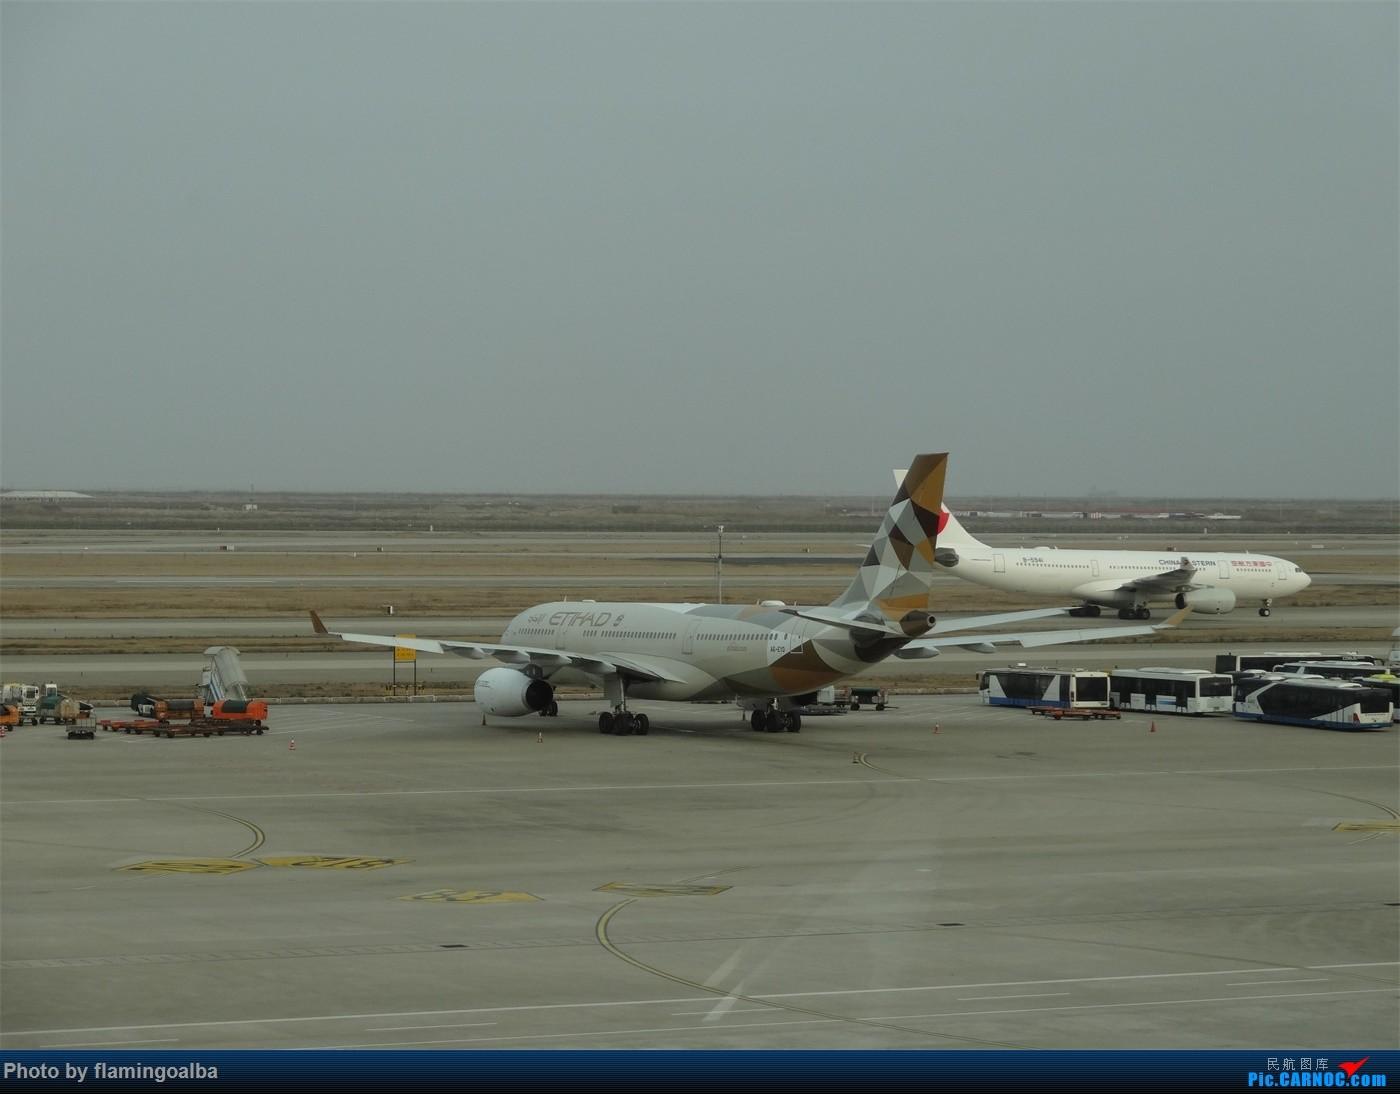 Re:[原创]浦东-达拉斯-纽瓦克-华盛顿里根-拉斯维加斯-洛杉矶-达拉斯-浦东 A330-200 A6-EYD 中国上海浦东国际机场